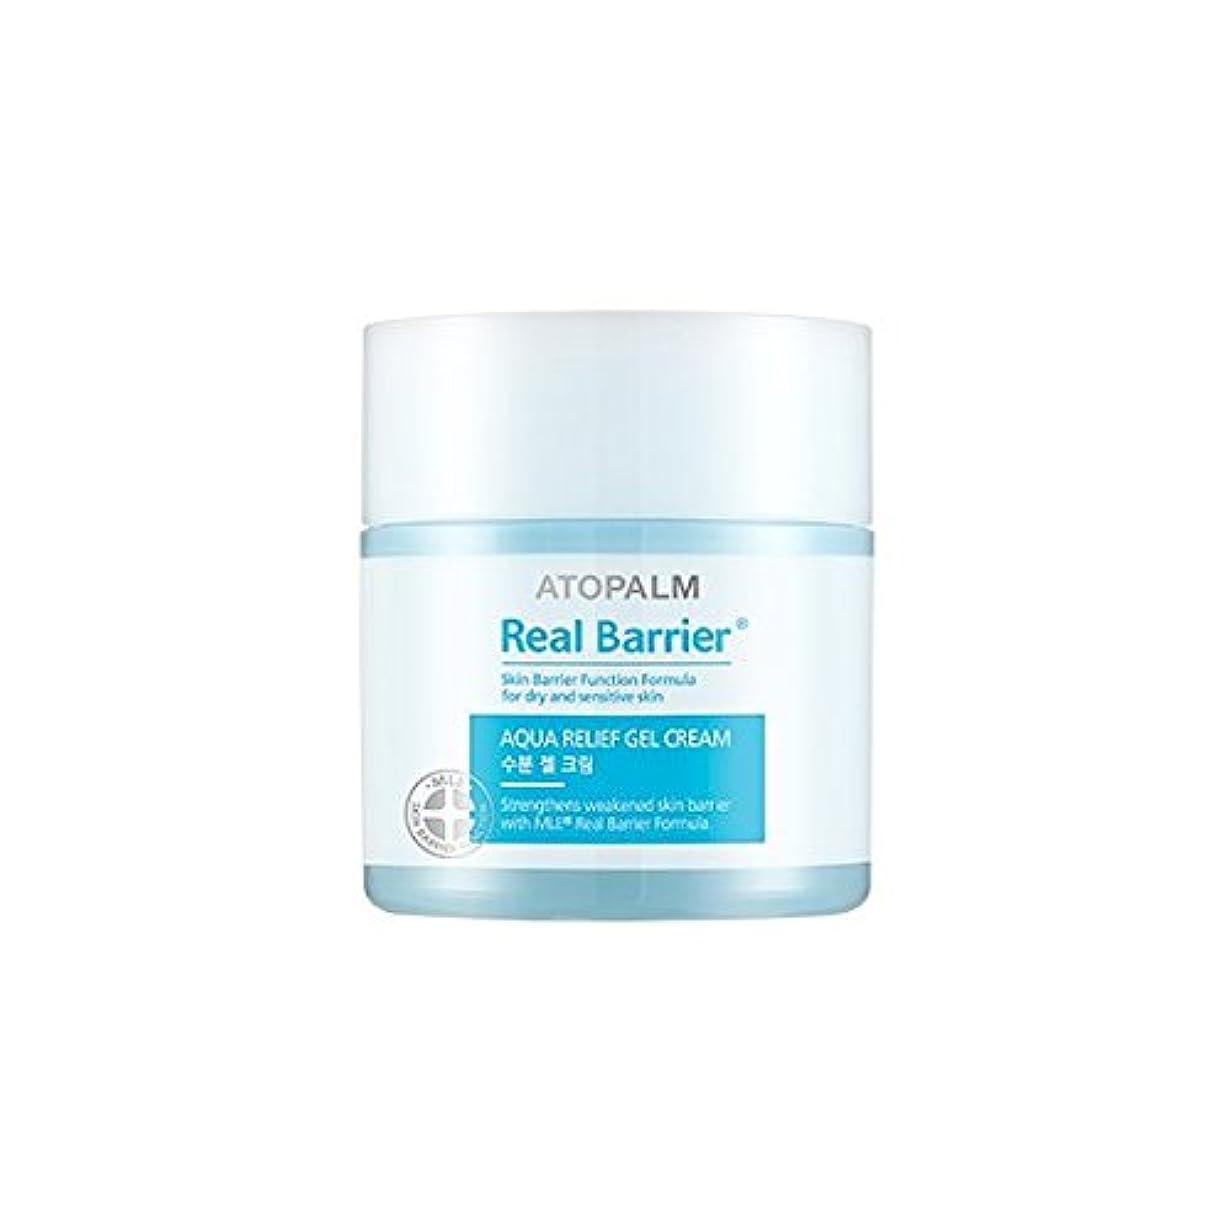 破産爆発ホステスATOPALM Real Barrier Aqua Relief Gel Cream 50ml/アトパーム リアル バリア アクア リリーフ ジェル クリーム 50ml [並行輸入品]